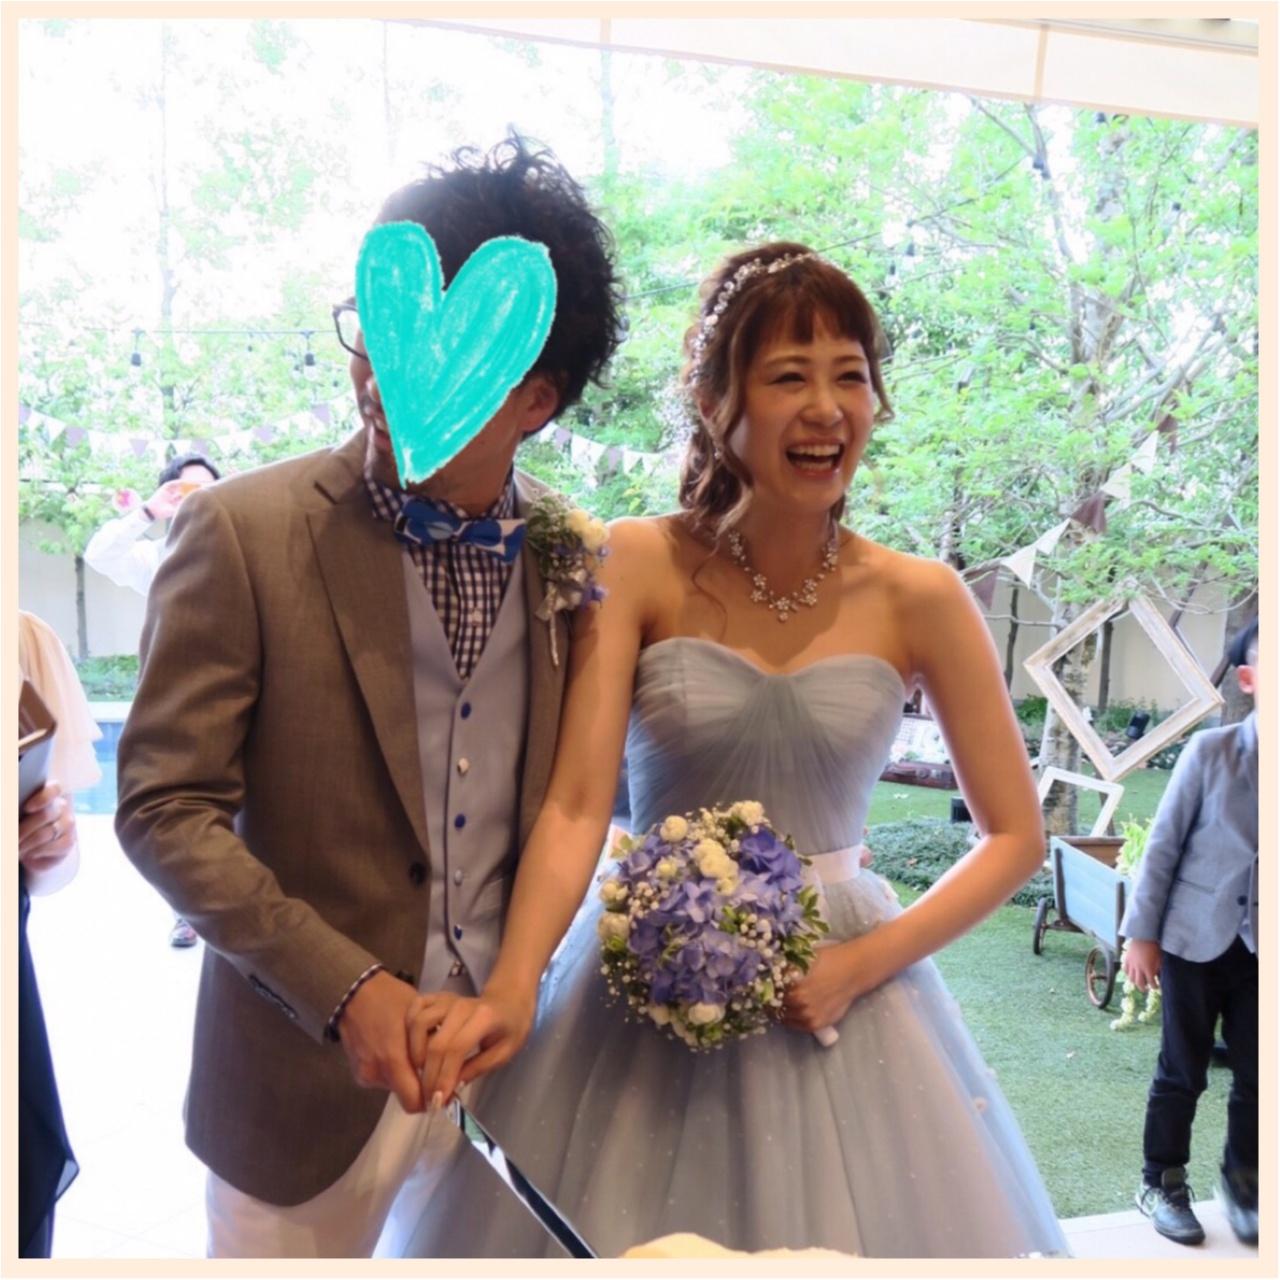 【ゆい婚】お色直しはドレス色当てクイズでゲストに楽しんでもらいました♪_2